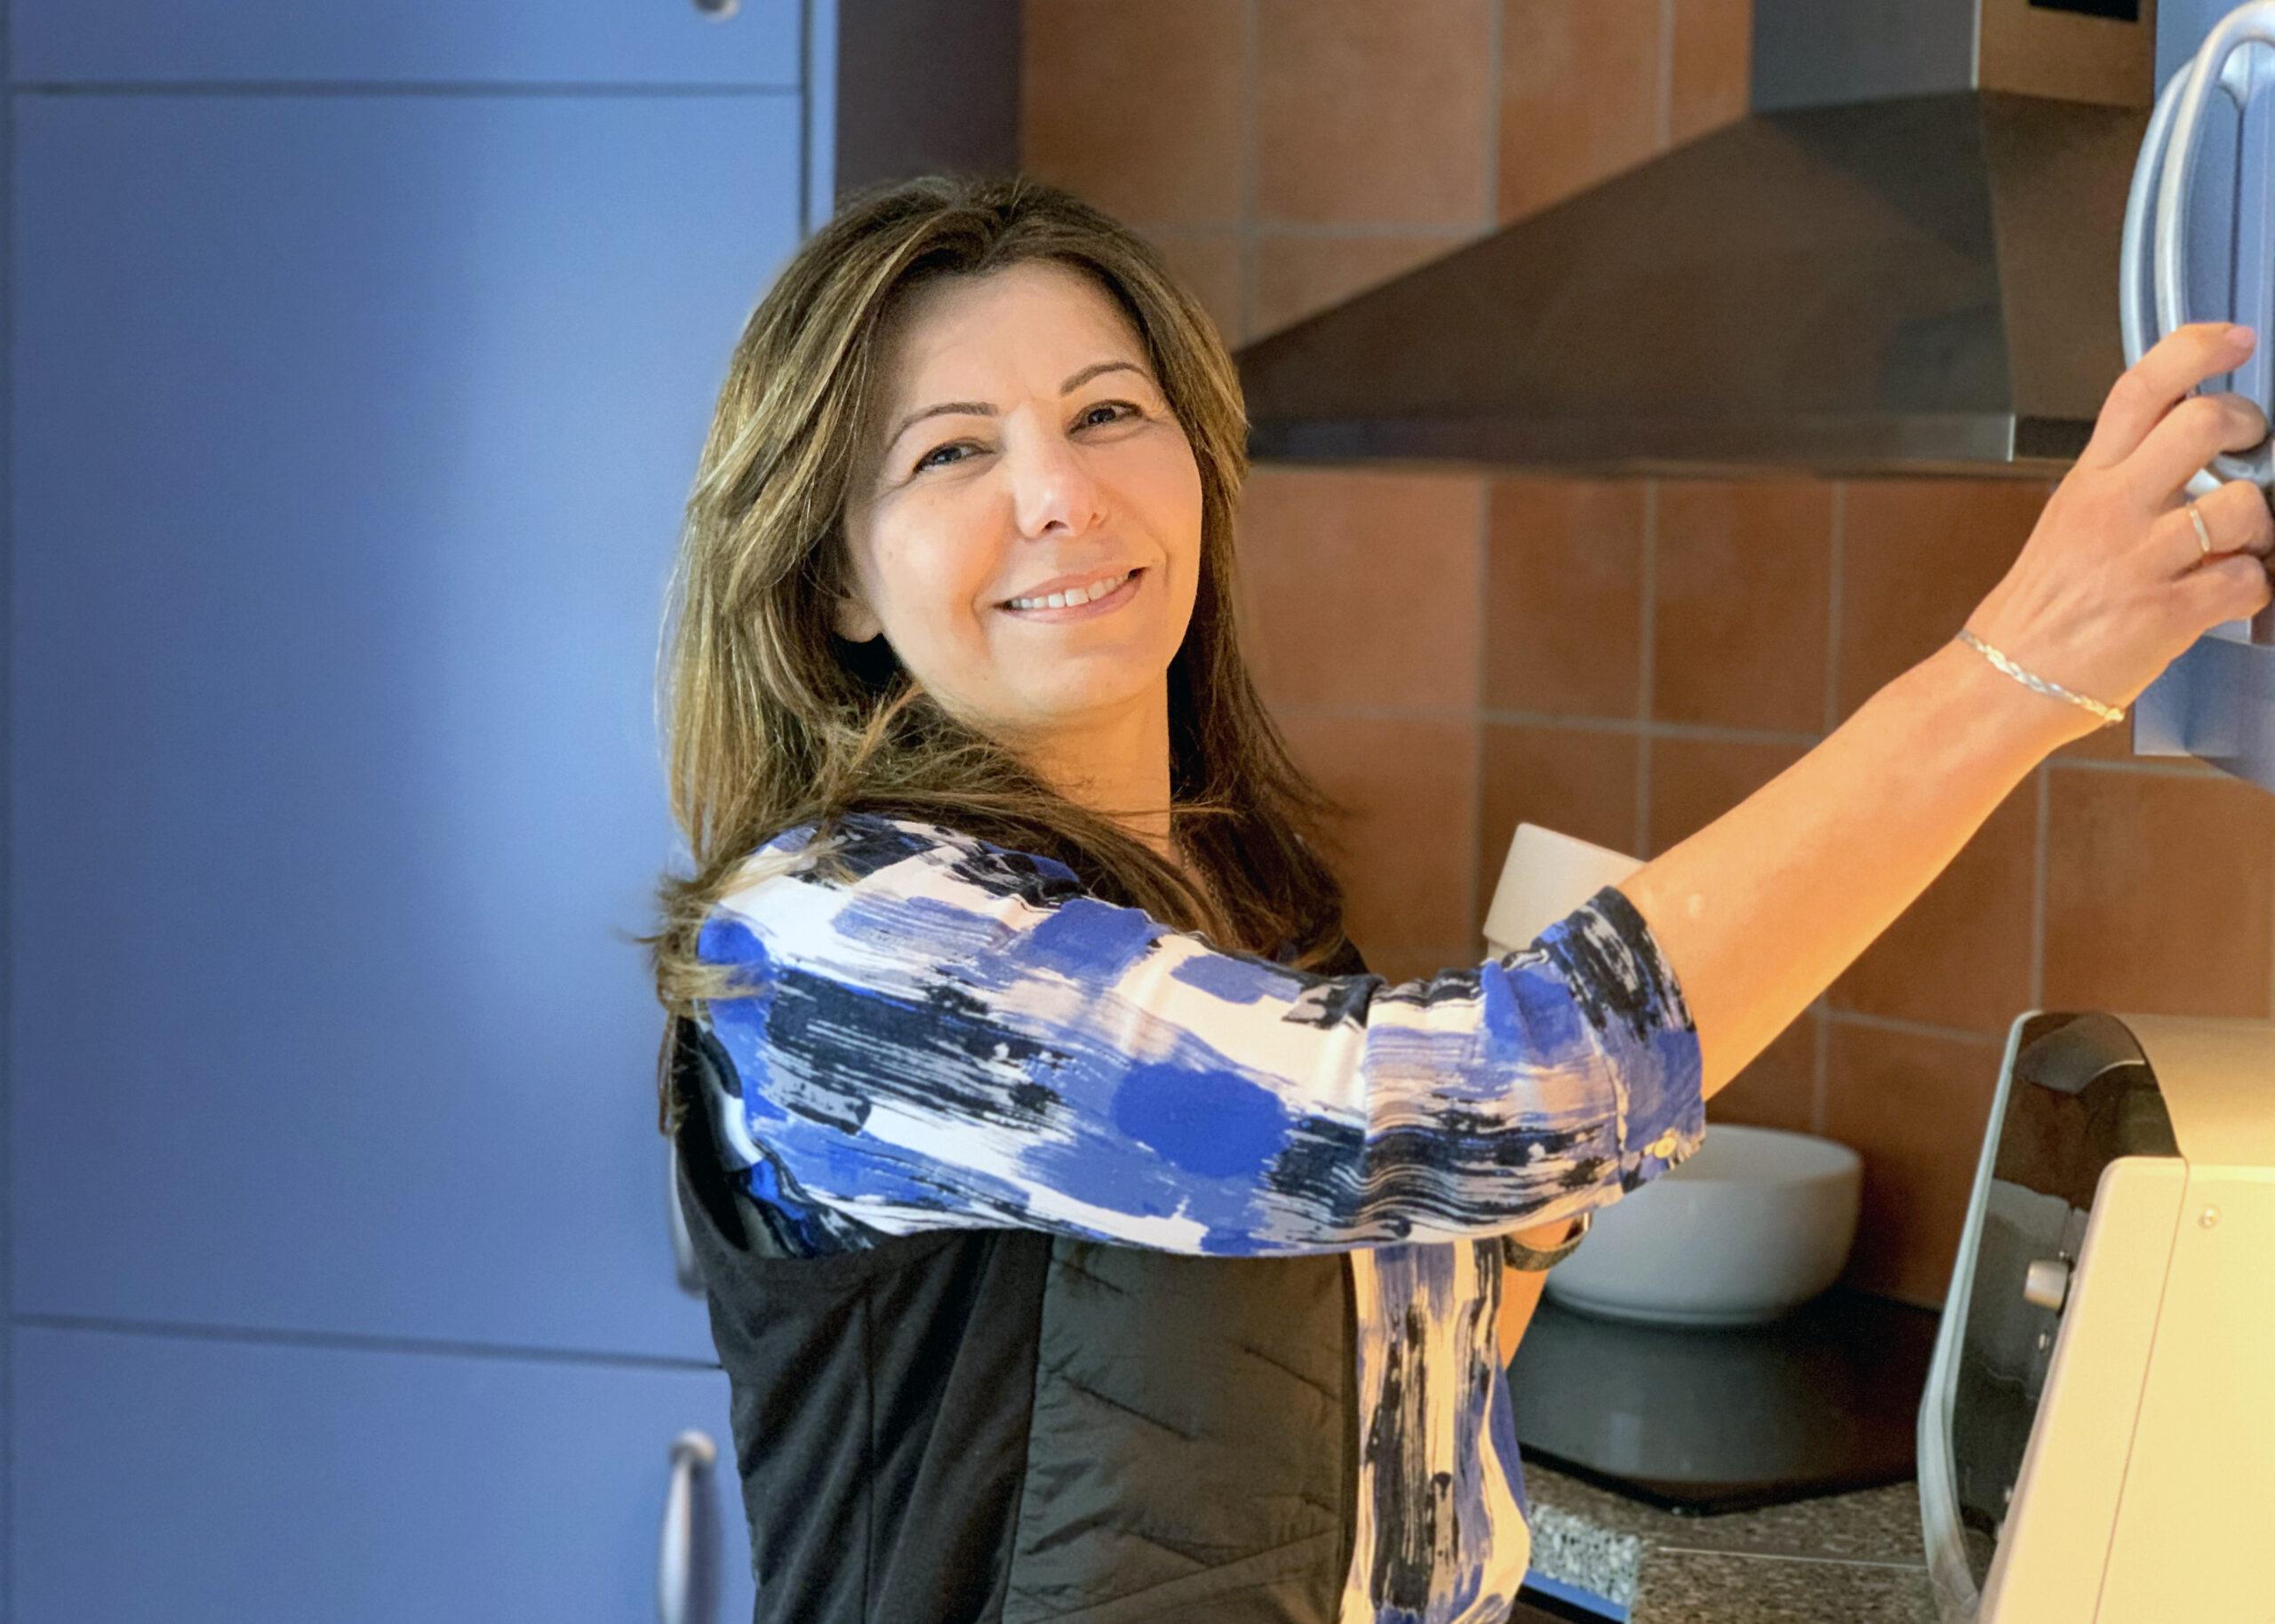 En leende kvinna klädd i blått och svart, håller i handtaget till ett skåp